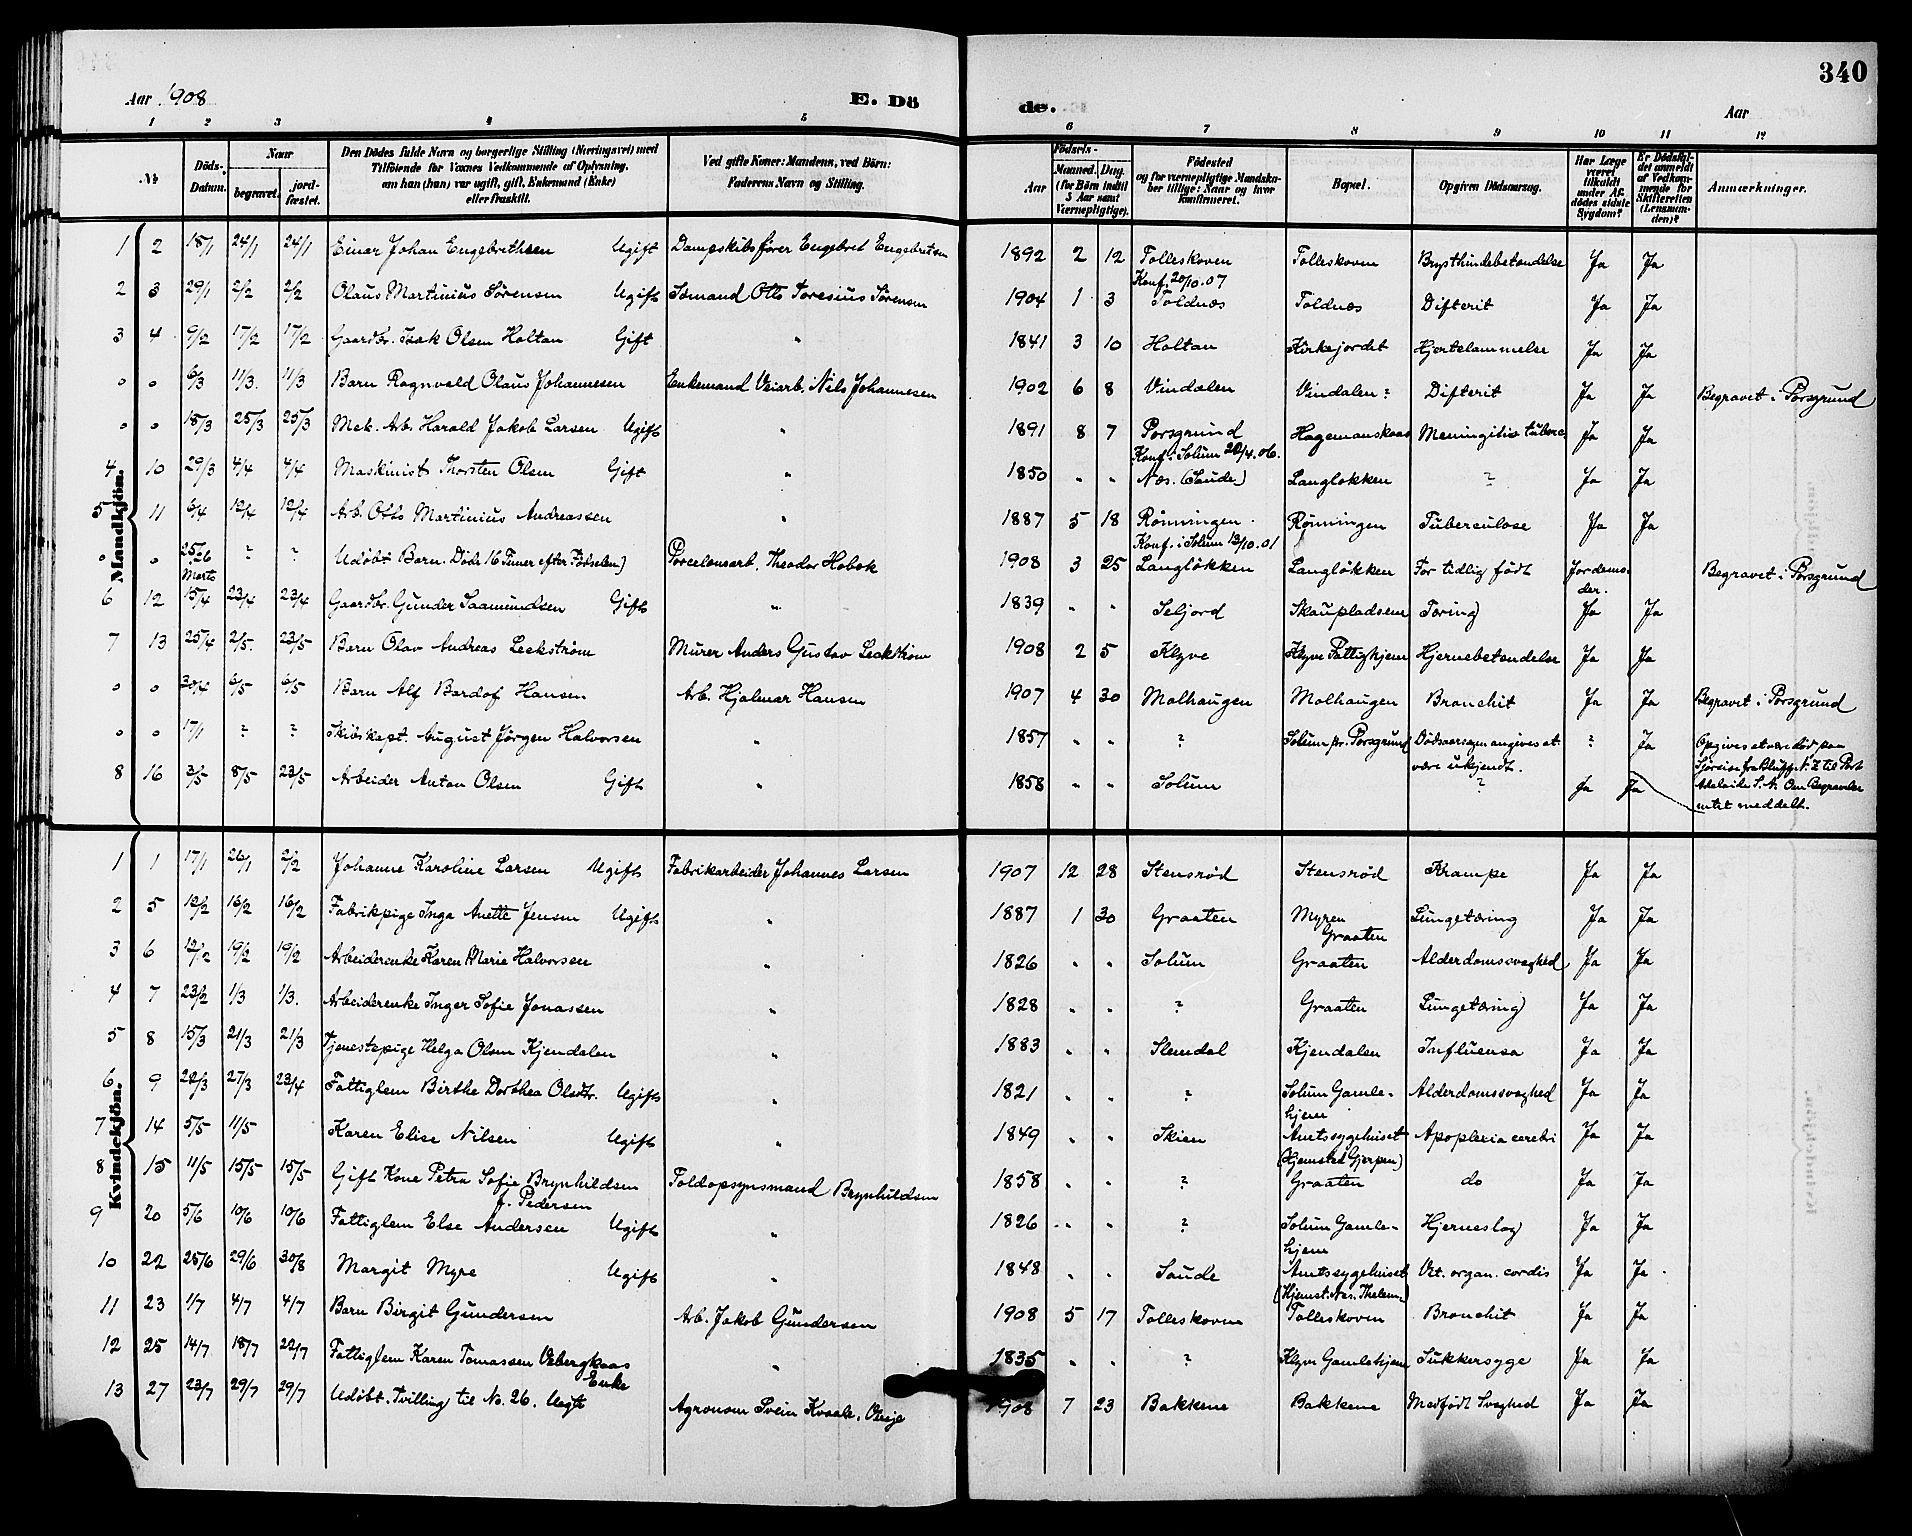 SAKO, Solum kirkebøker, G/Ga/L0008: Klokkerbok nr. I 8, 1898-1909, s. 340